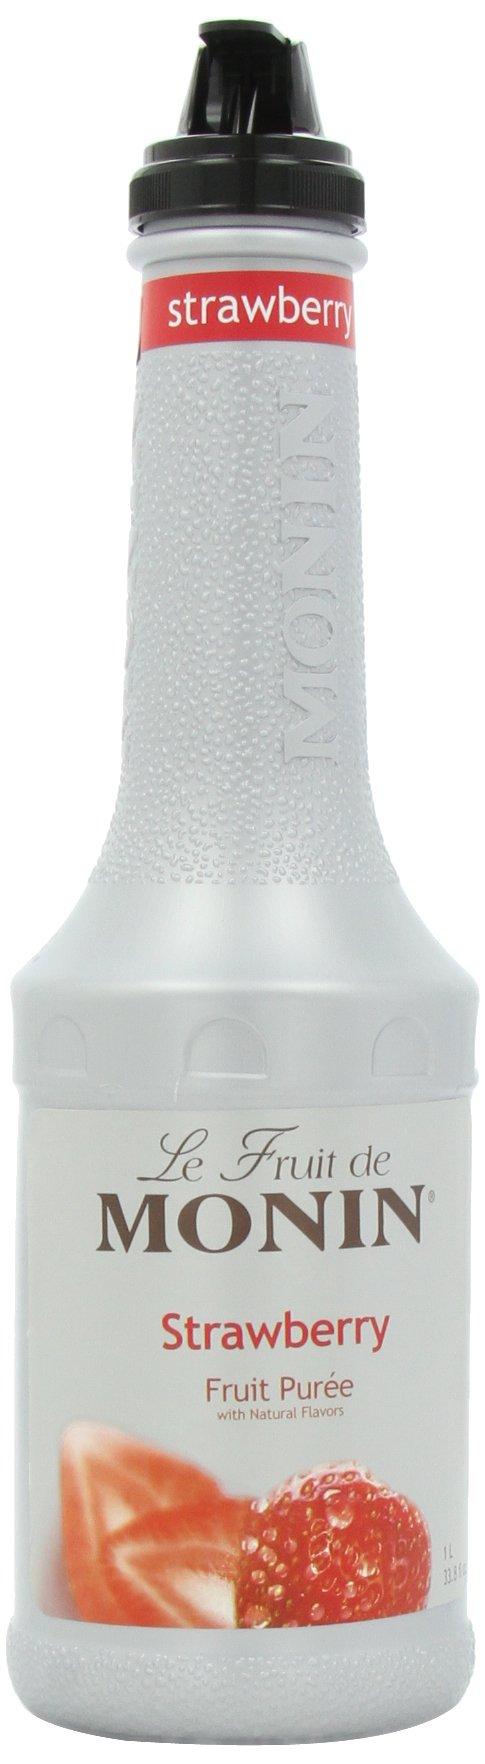 Monin Fruit Puree, Strawberry, 33.8-Ounce Bottles (Pack of 4)